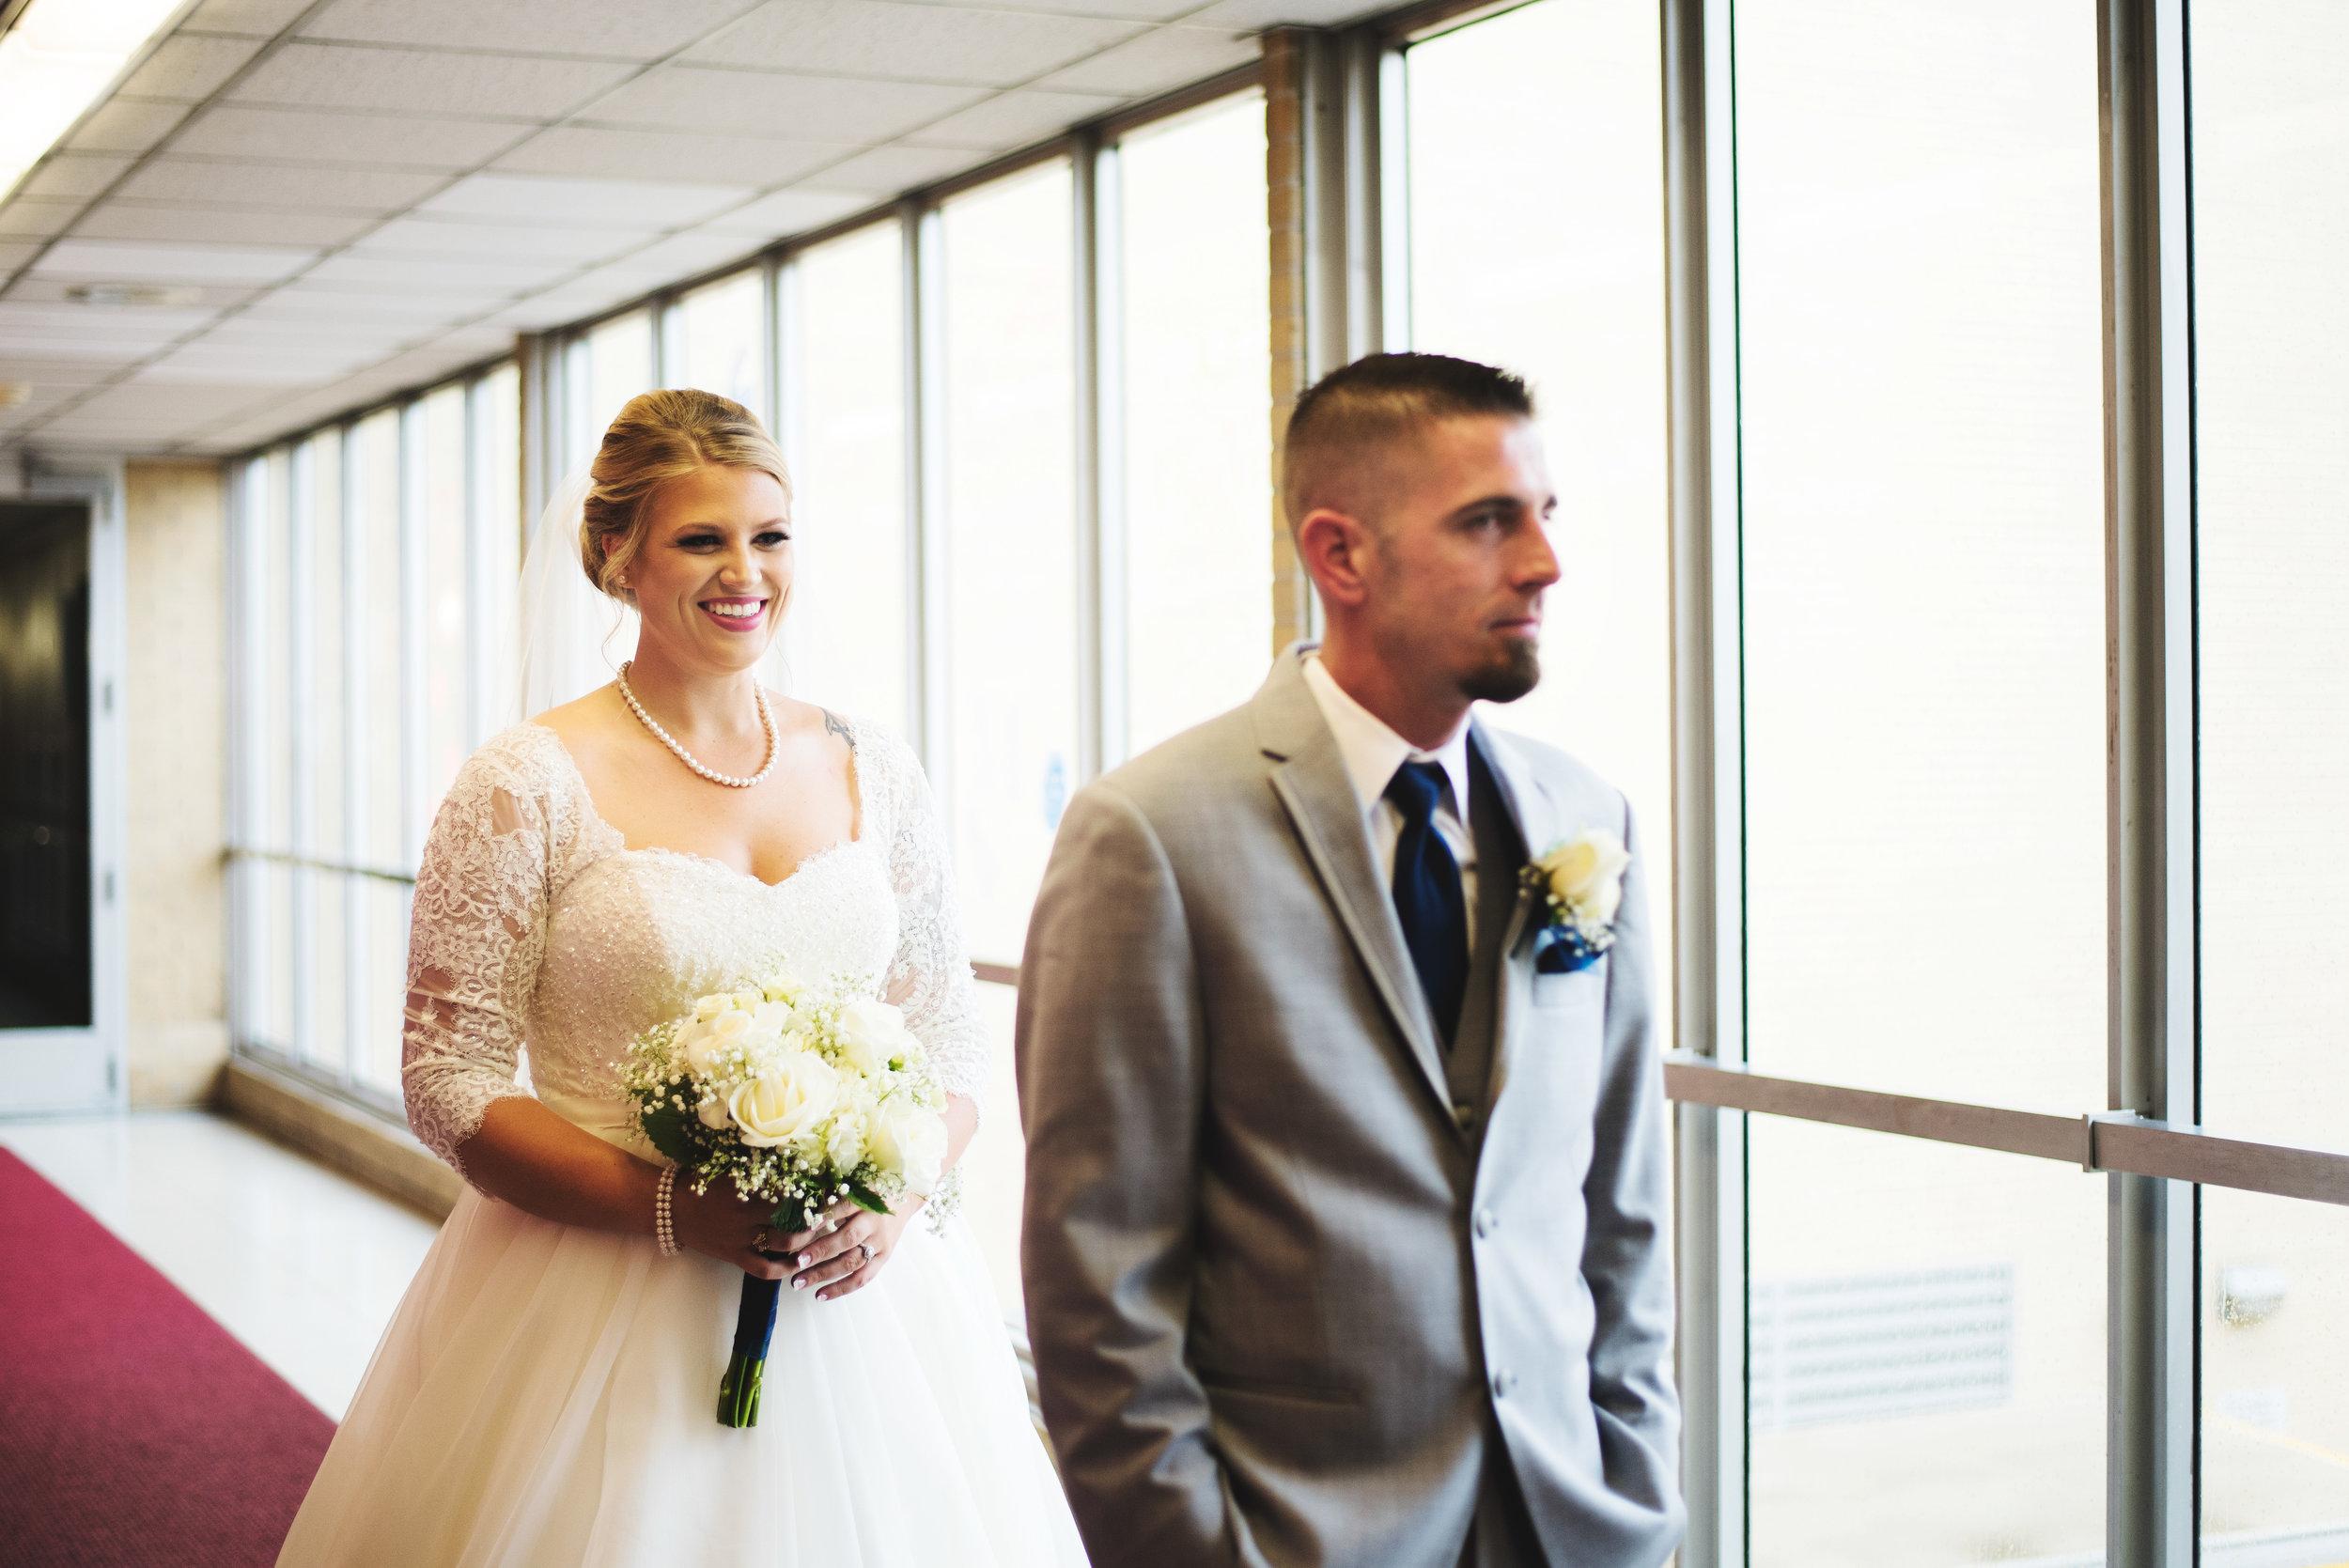 King-Northern-Illinois-University-Wedding028.jpg